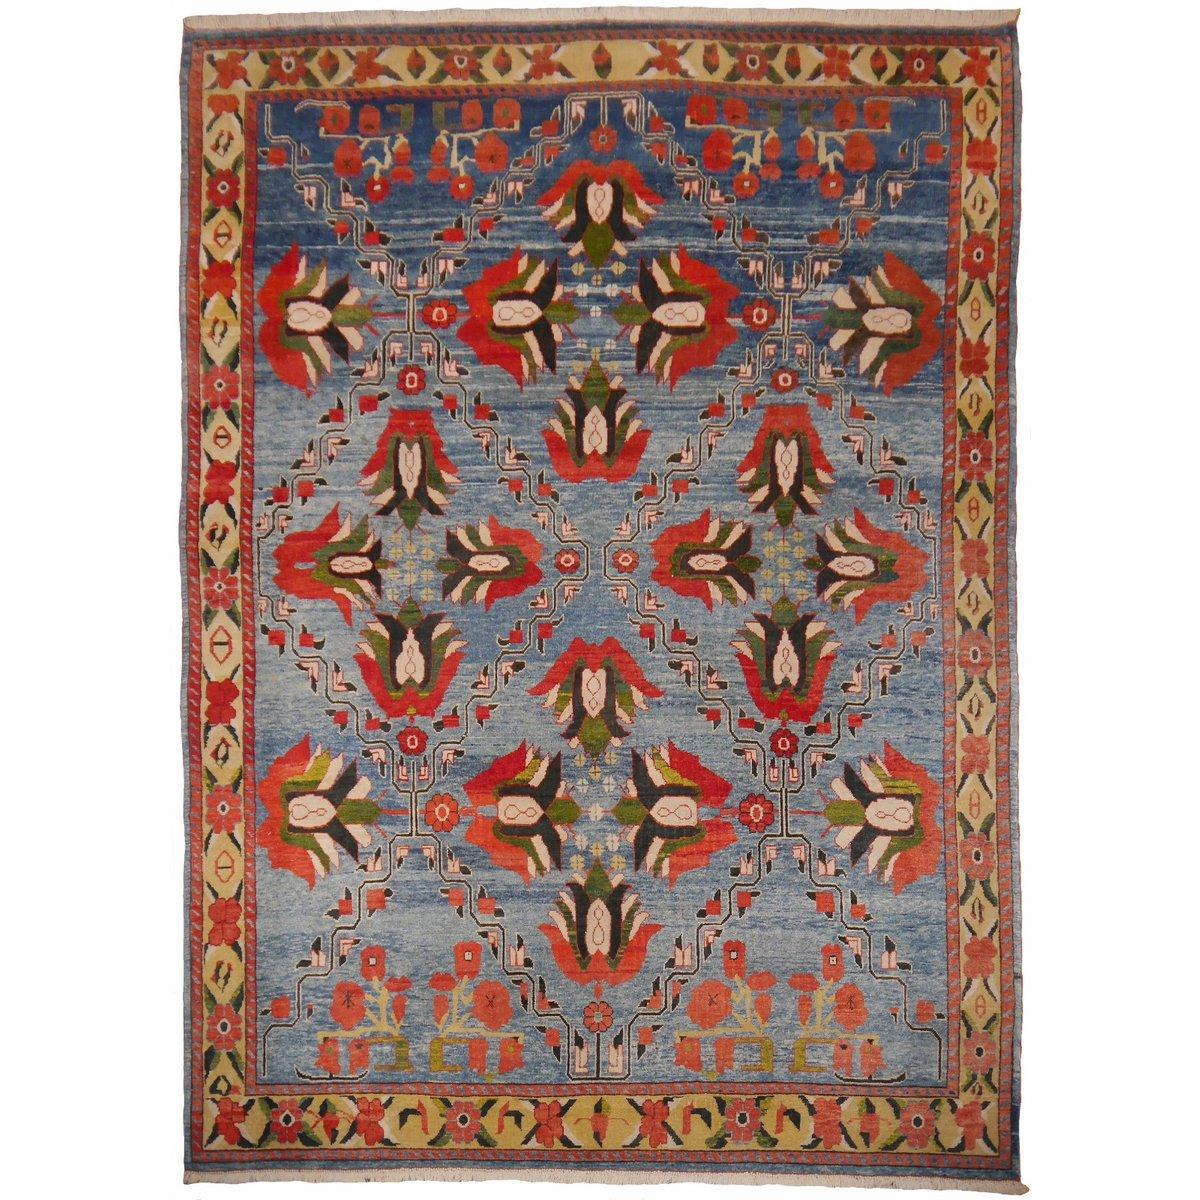 tapis turc vintage - Tapis Turc